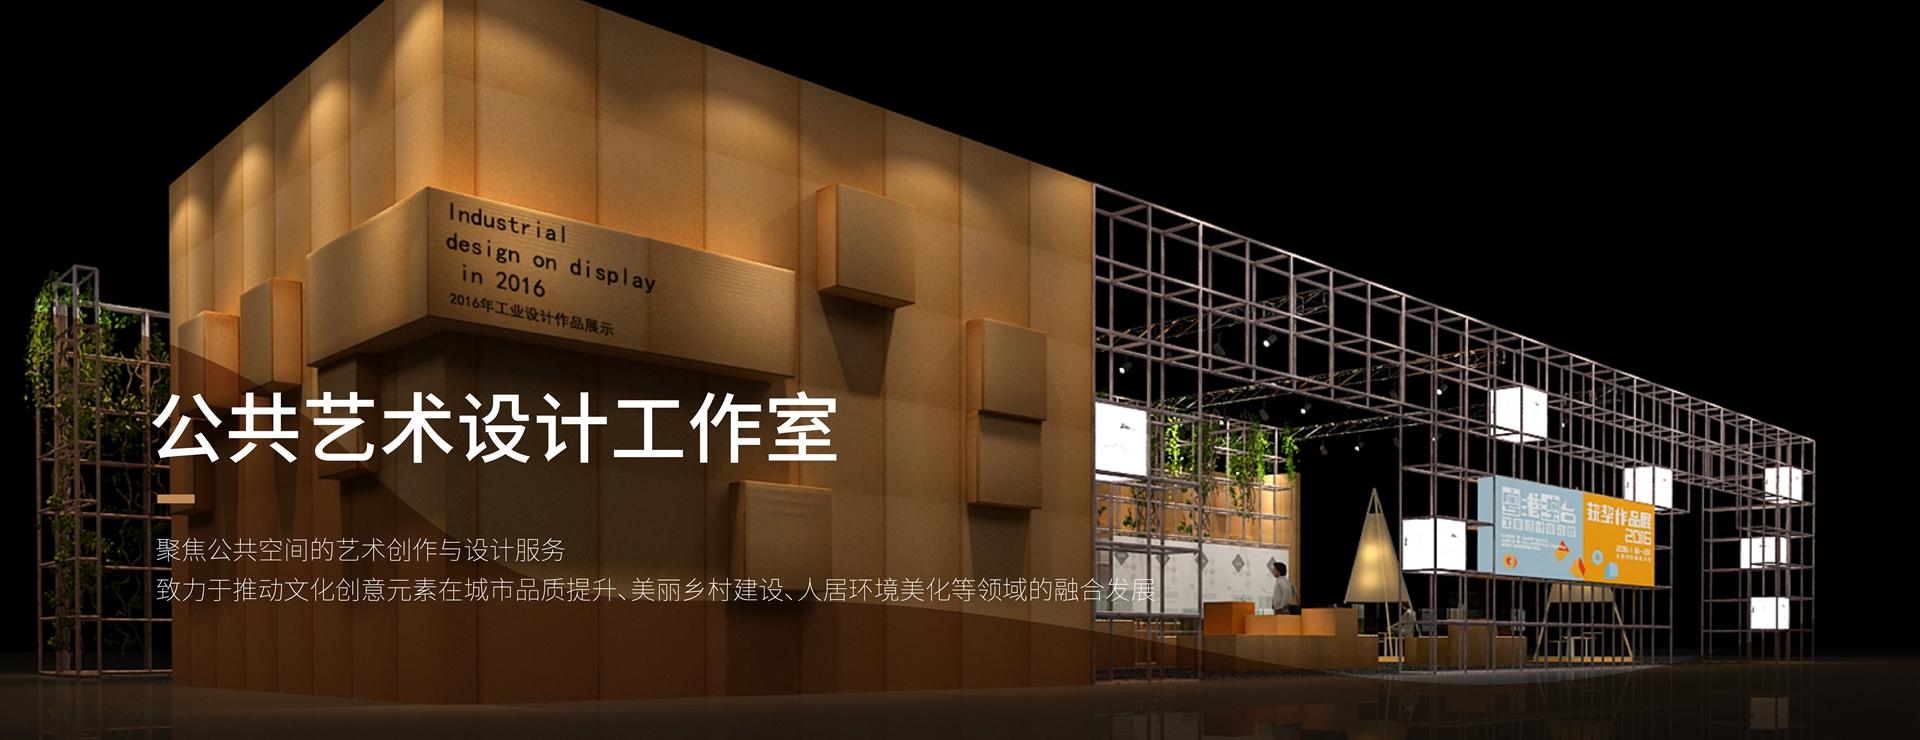 公共艺术设计工业室-栏目banner1